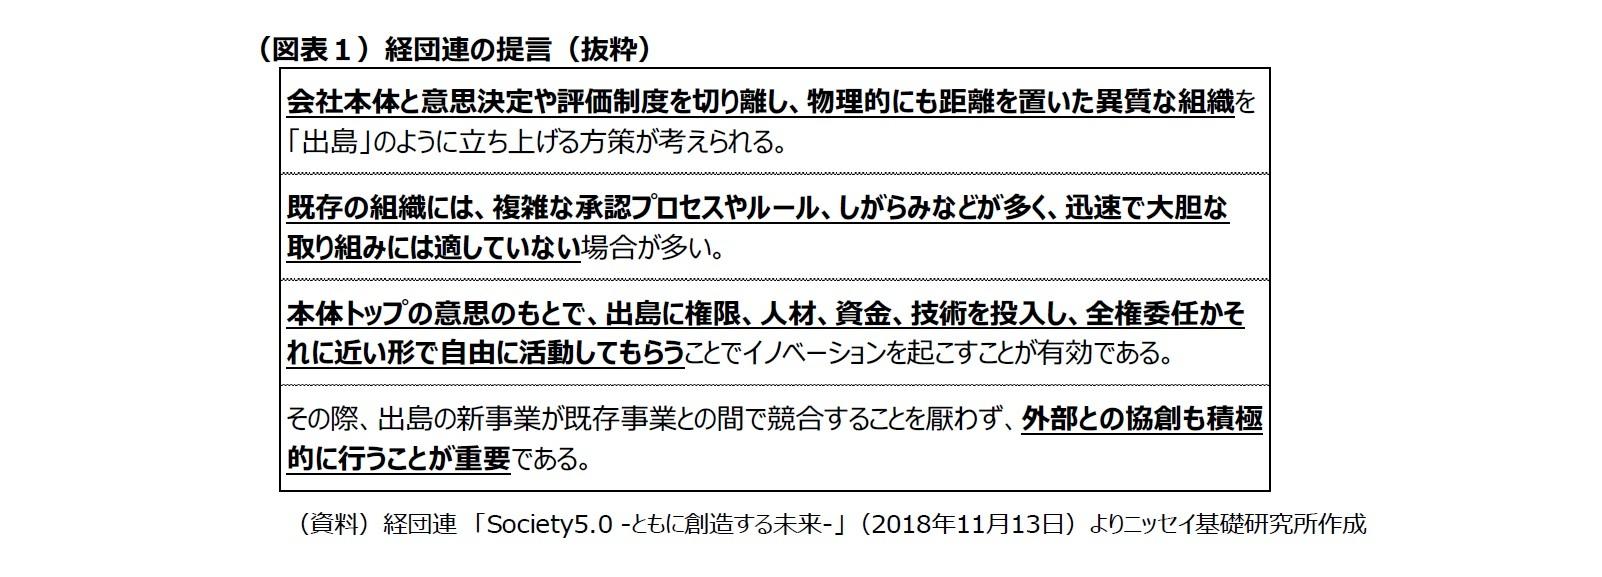 (図表1)経団連の提言(抜粋)